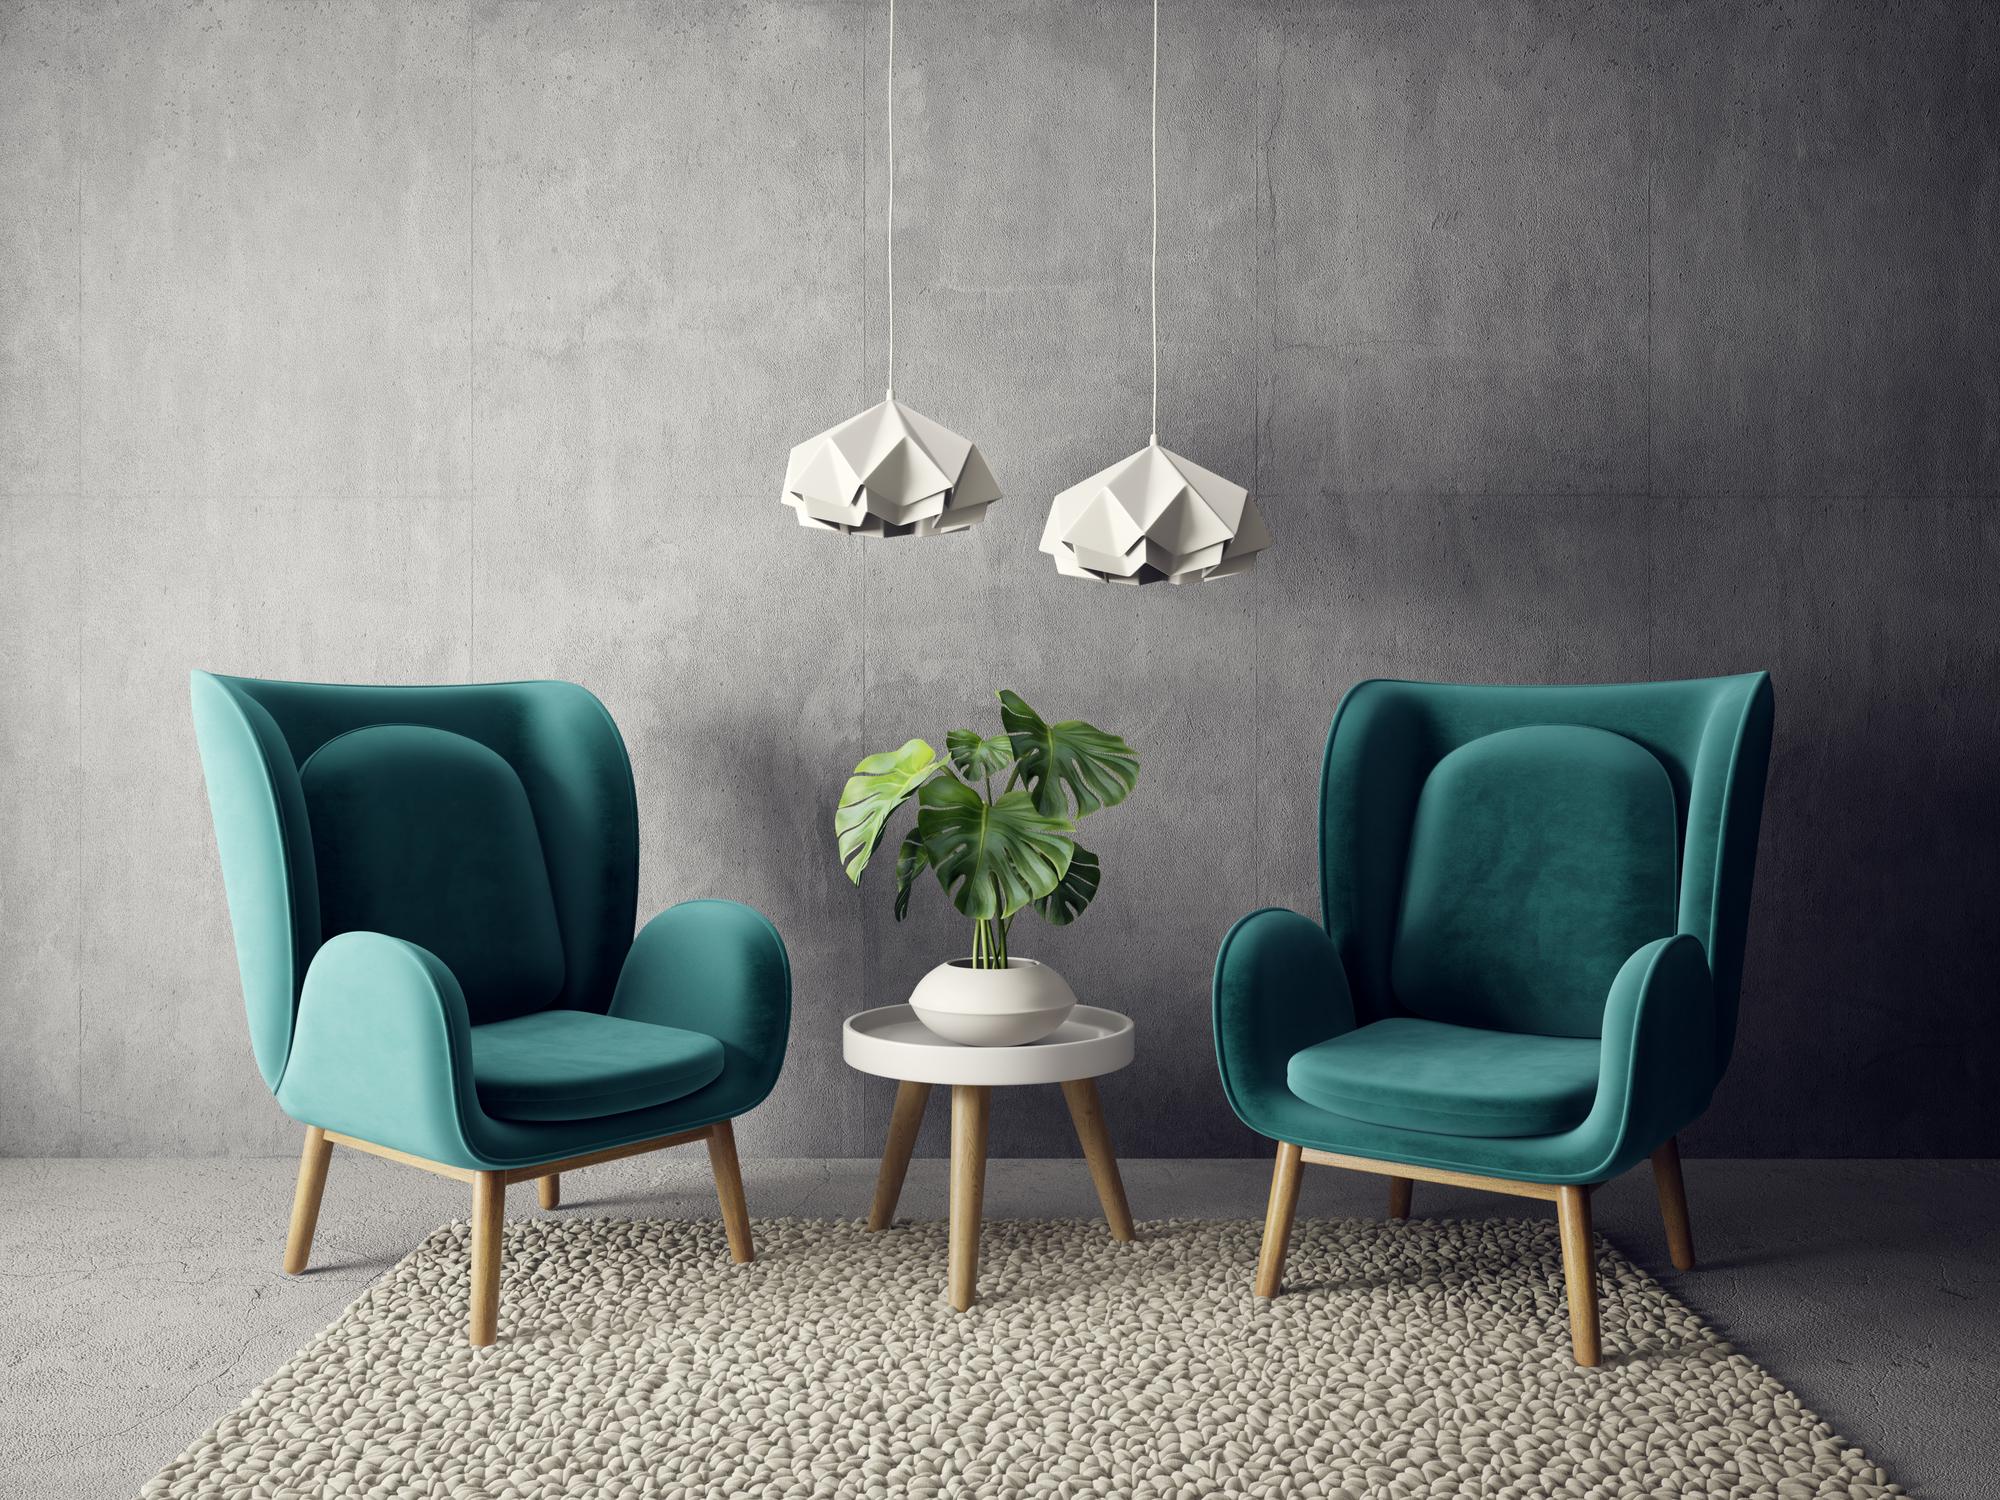 Alfombra con sillones en salón moderno